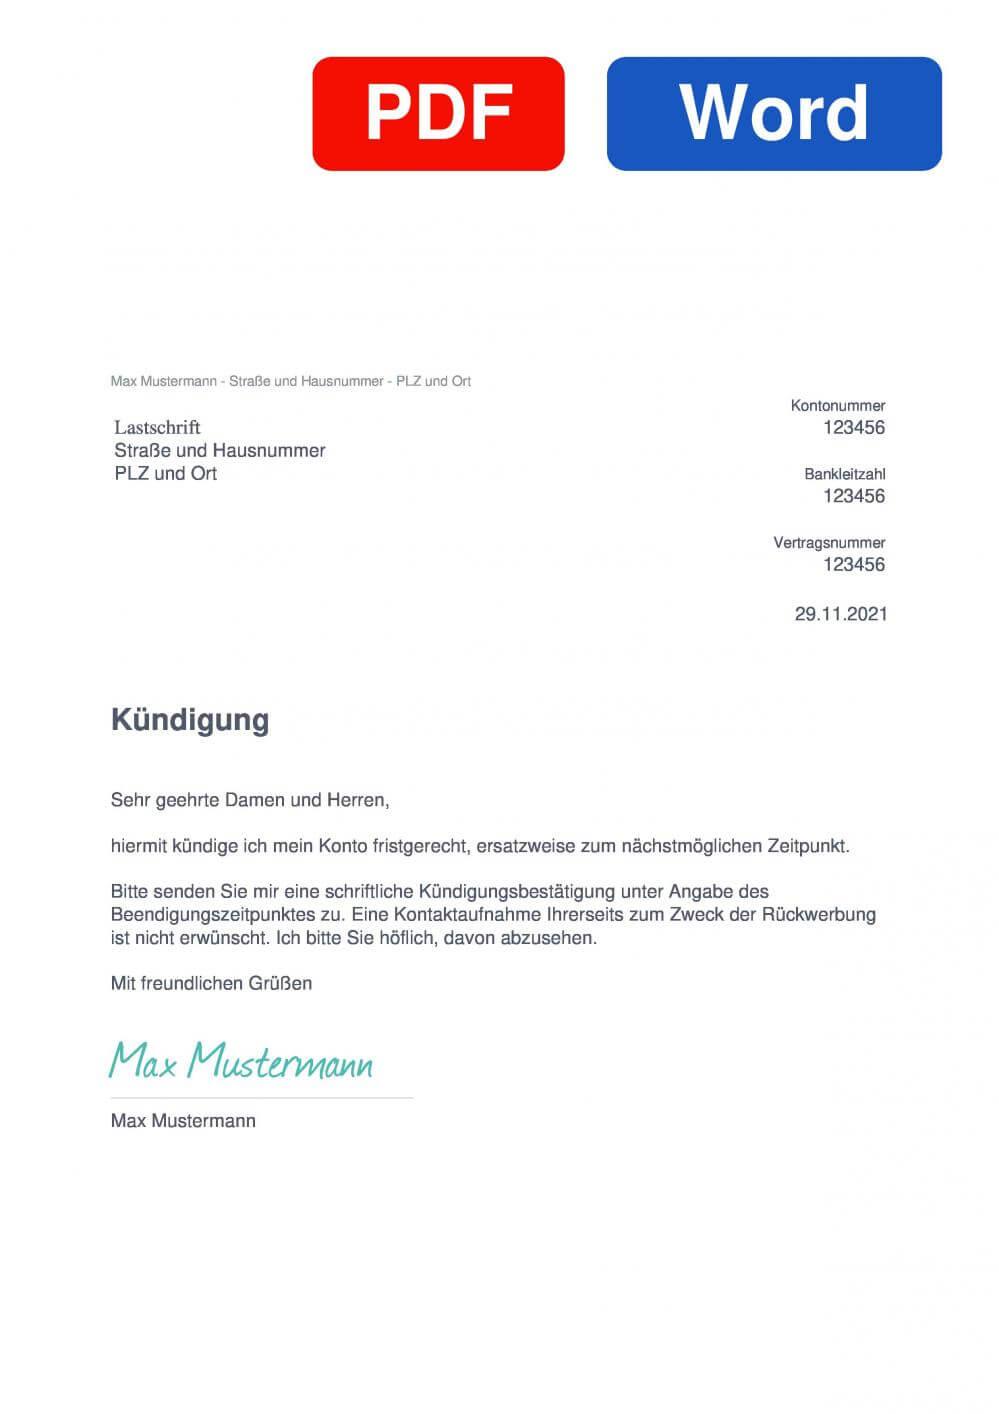 Lastschrift Muster Vorlage für Kündigungsschreiben